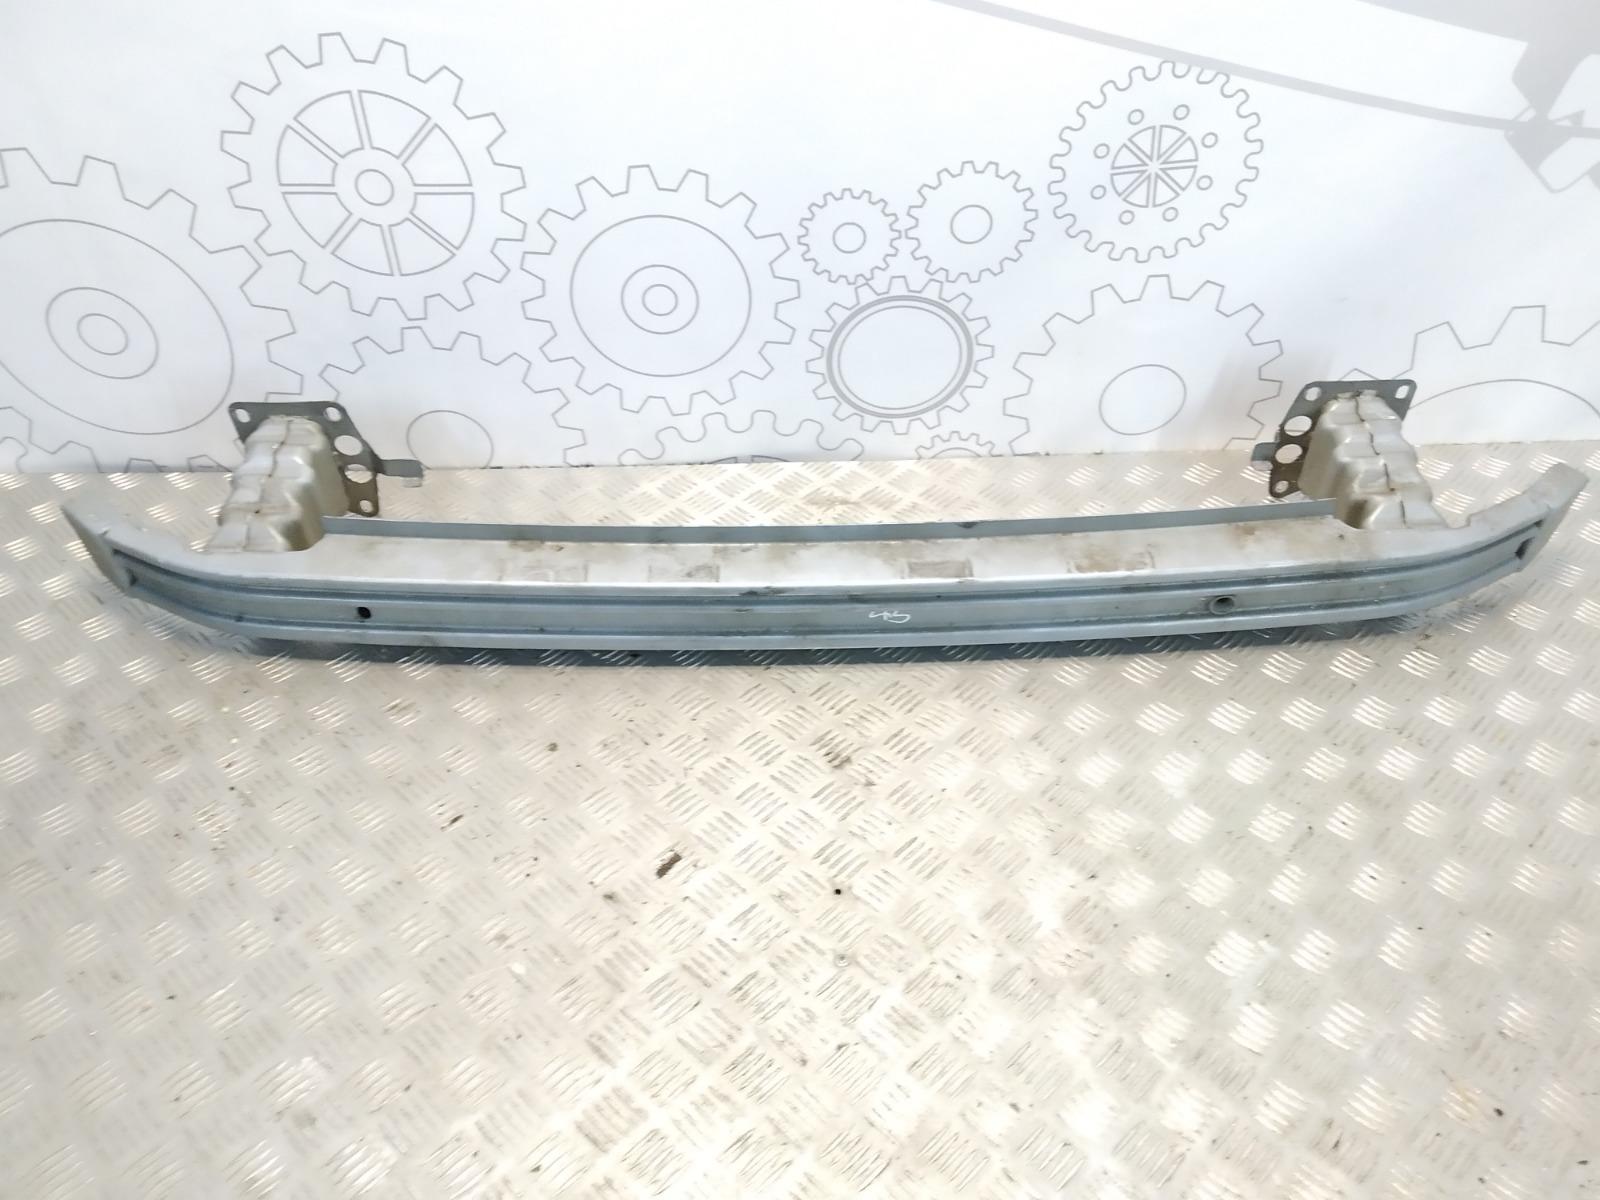 Усилитель бампера переднего Fiat Ulysse 2.0 I 2005 (б/у)